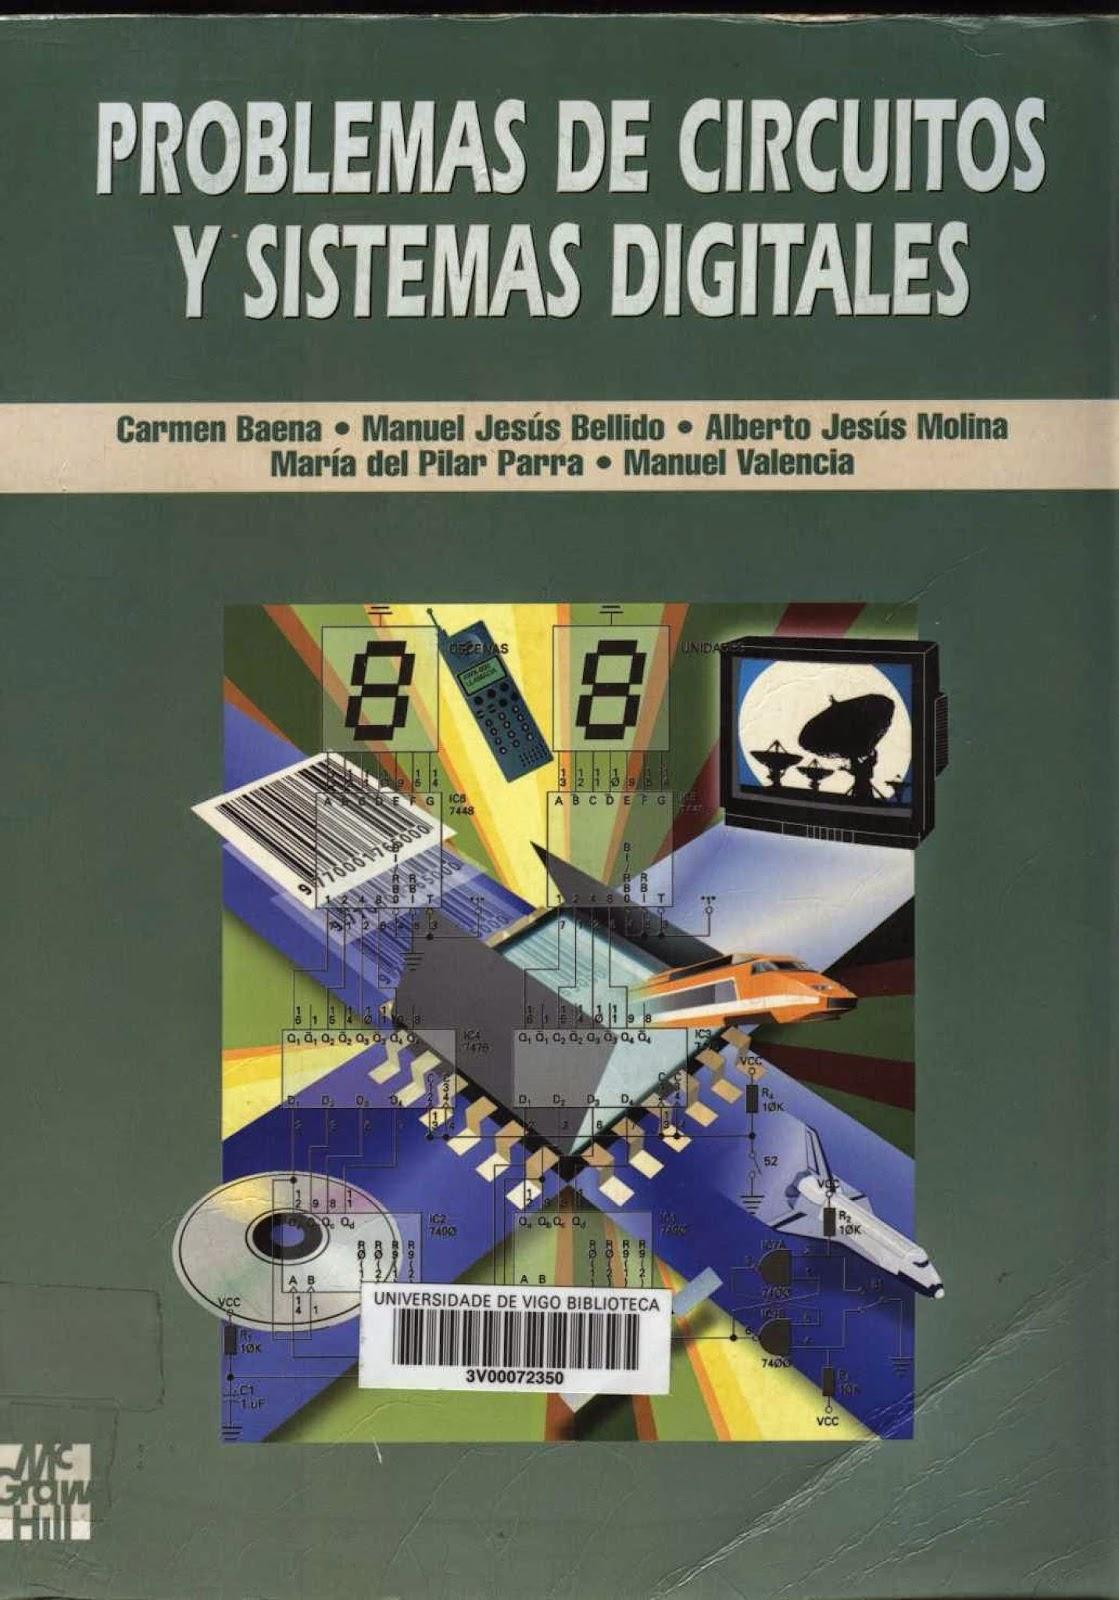 Este ejemplar es un libro de problemas resueltos en el campo del Diseño  Lógico. Como tal libro de problemas ha sido concebido con la finalidad de  enseñar ...